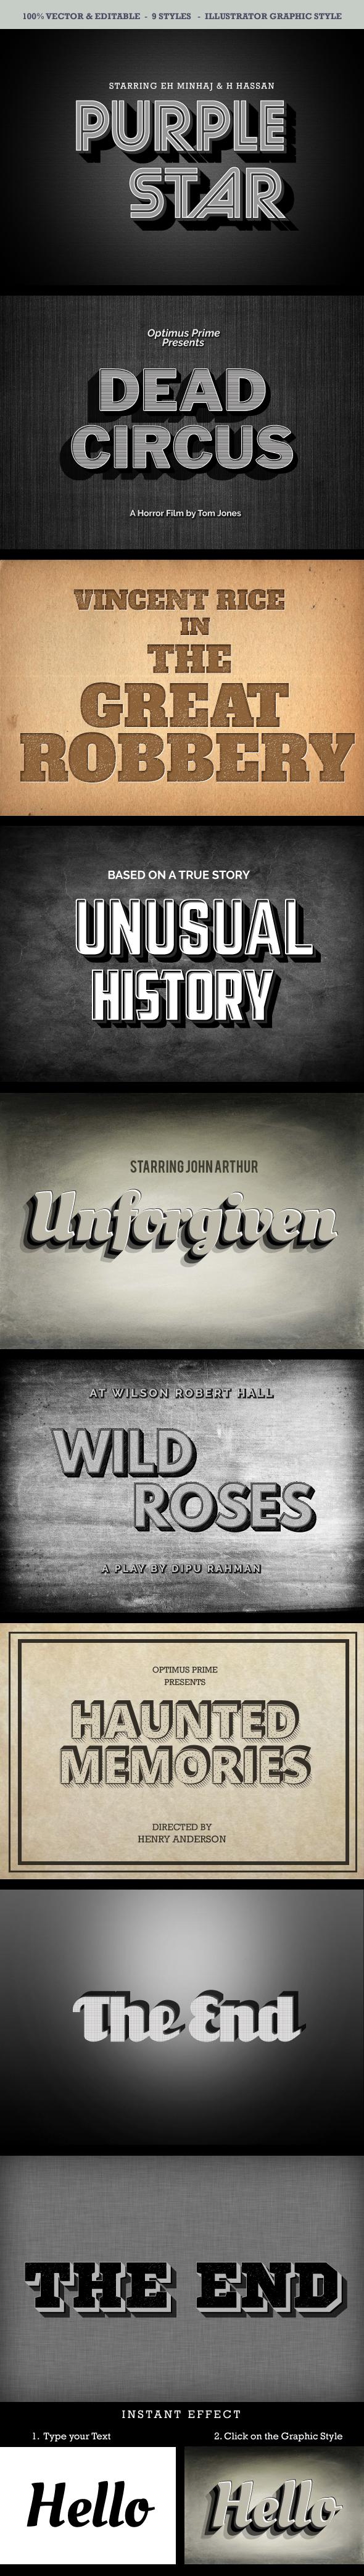 Vintage Movie Style - Illustrator Add-ons